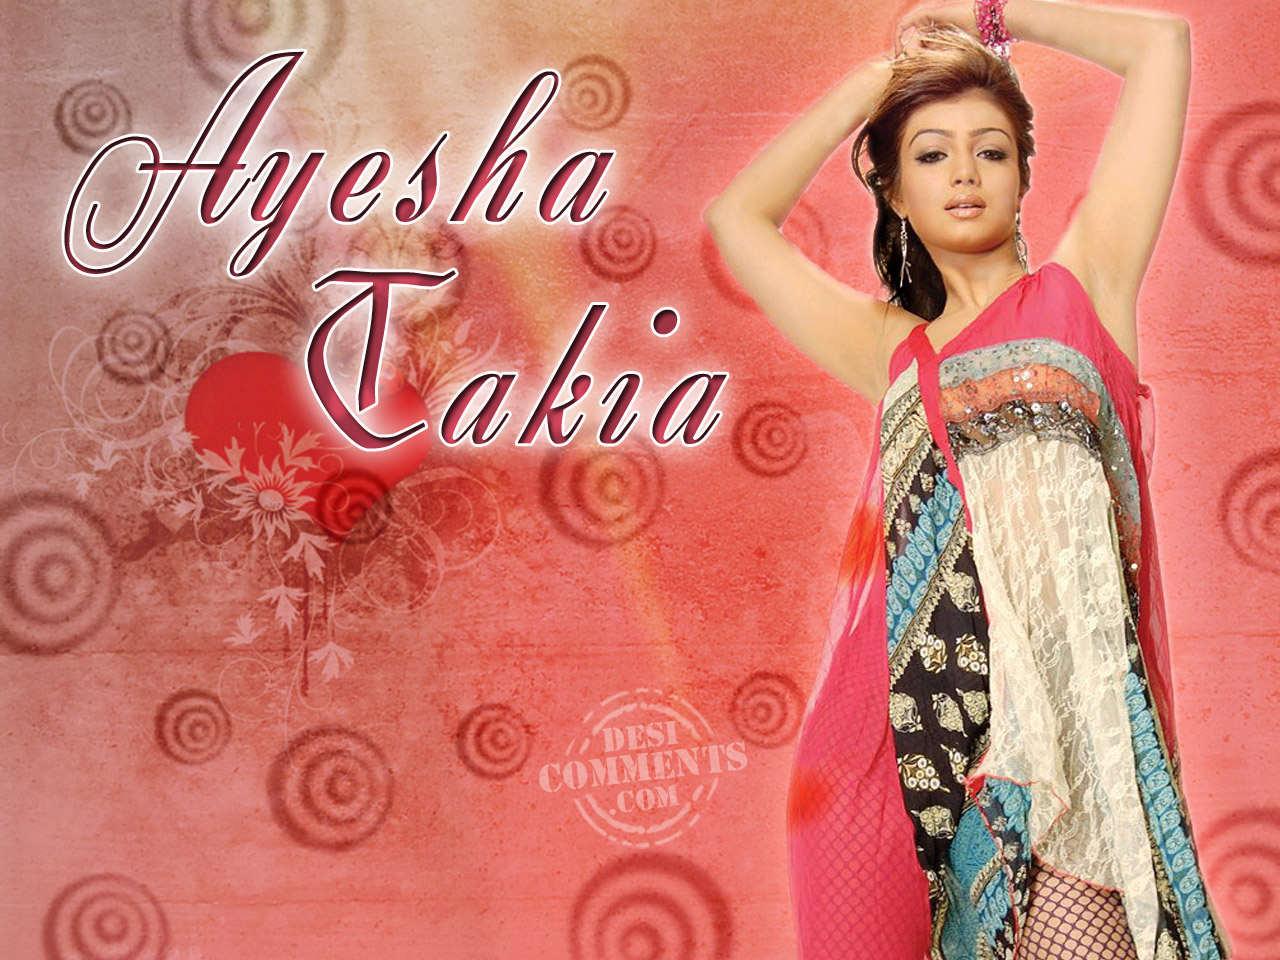 http://3.bp.blogspot.com/-LGV0qksbZ-8/UW05aTUH0wI/AAAAAAAAINk/YThNcU4ISic/s1600/Ayesha-Takia-Wallpapers-05.jpg